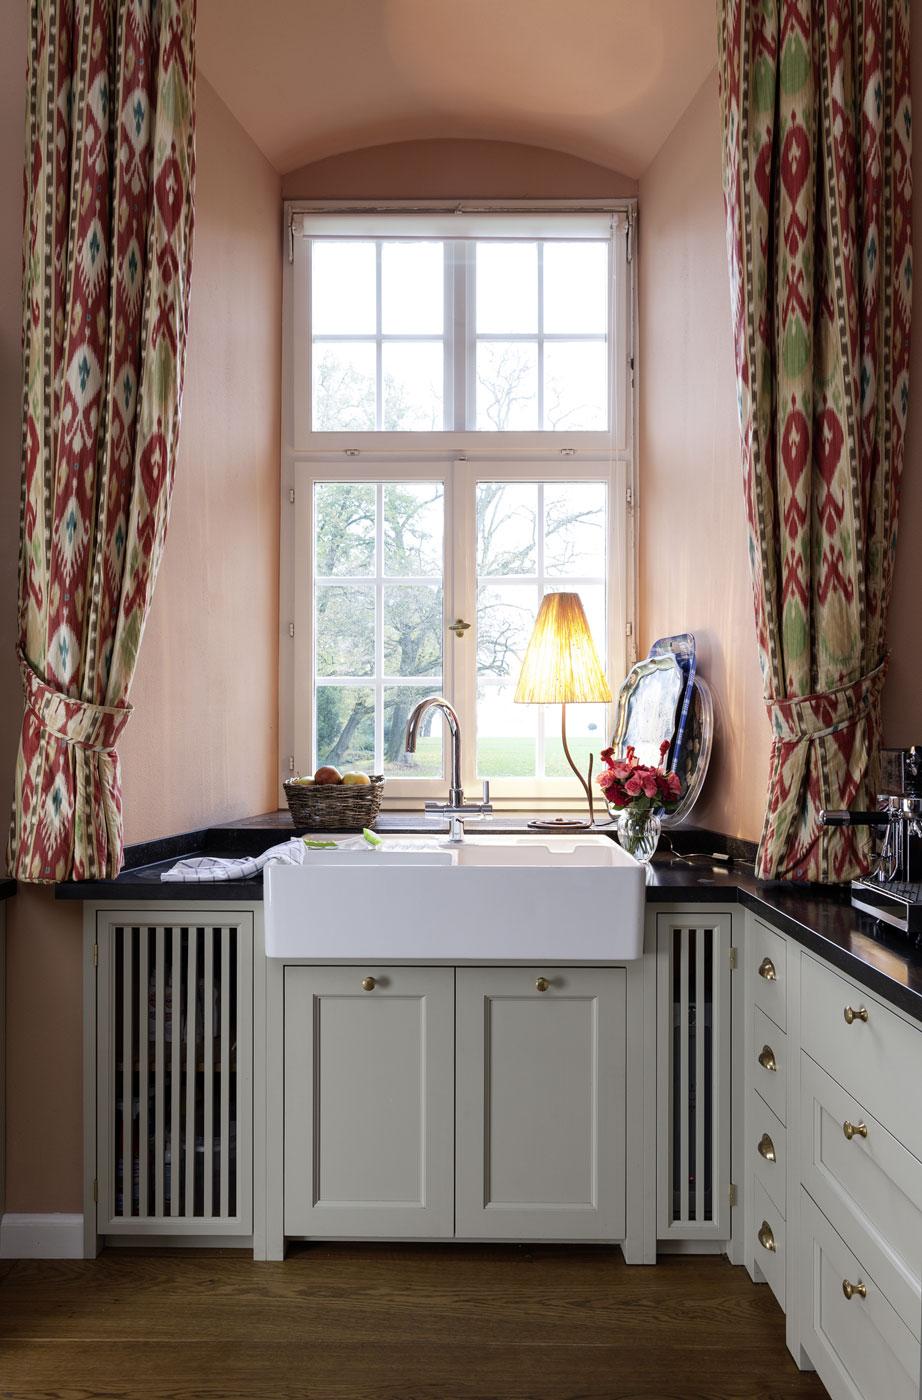 Stunning Villeroy Und Boch Armaturen Küche Ideas - New Home Design ...